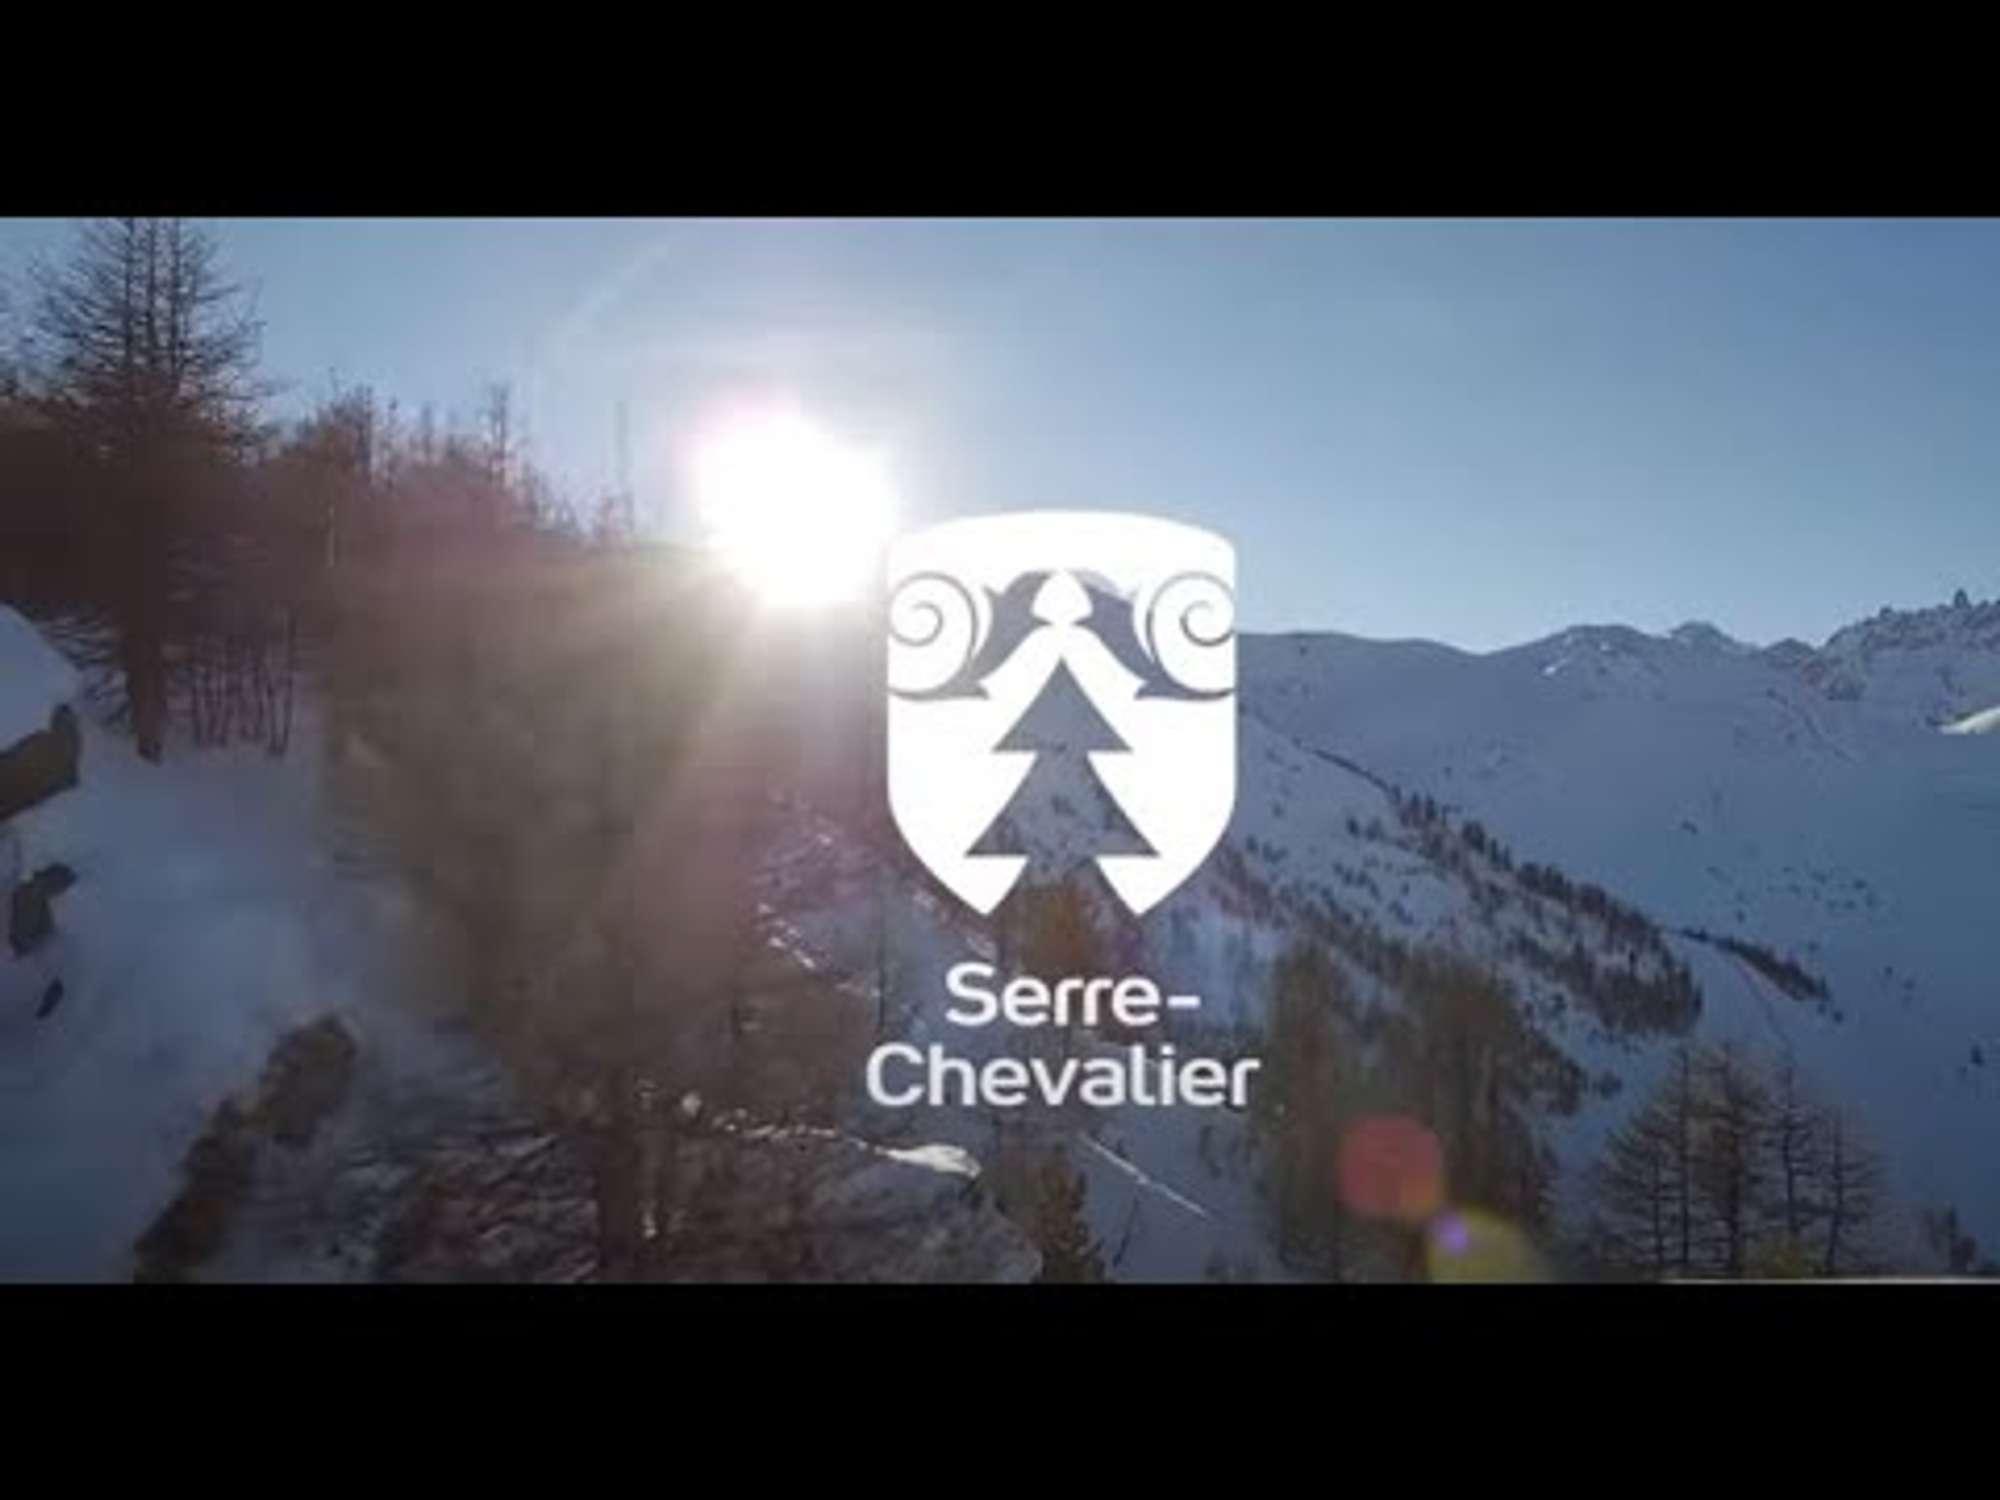 Open Serre-Chevalier video's slideshow op 1